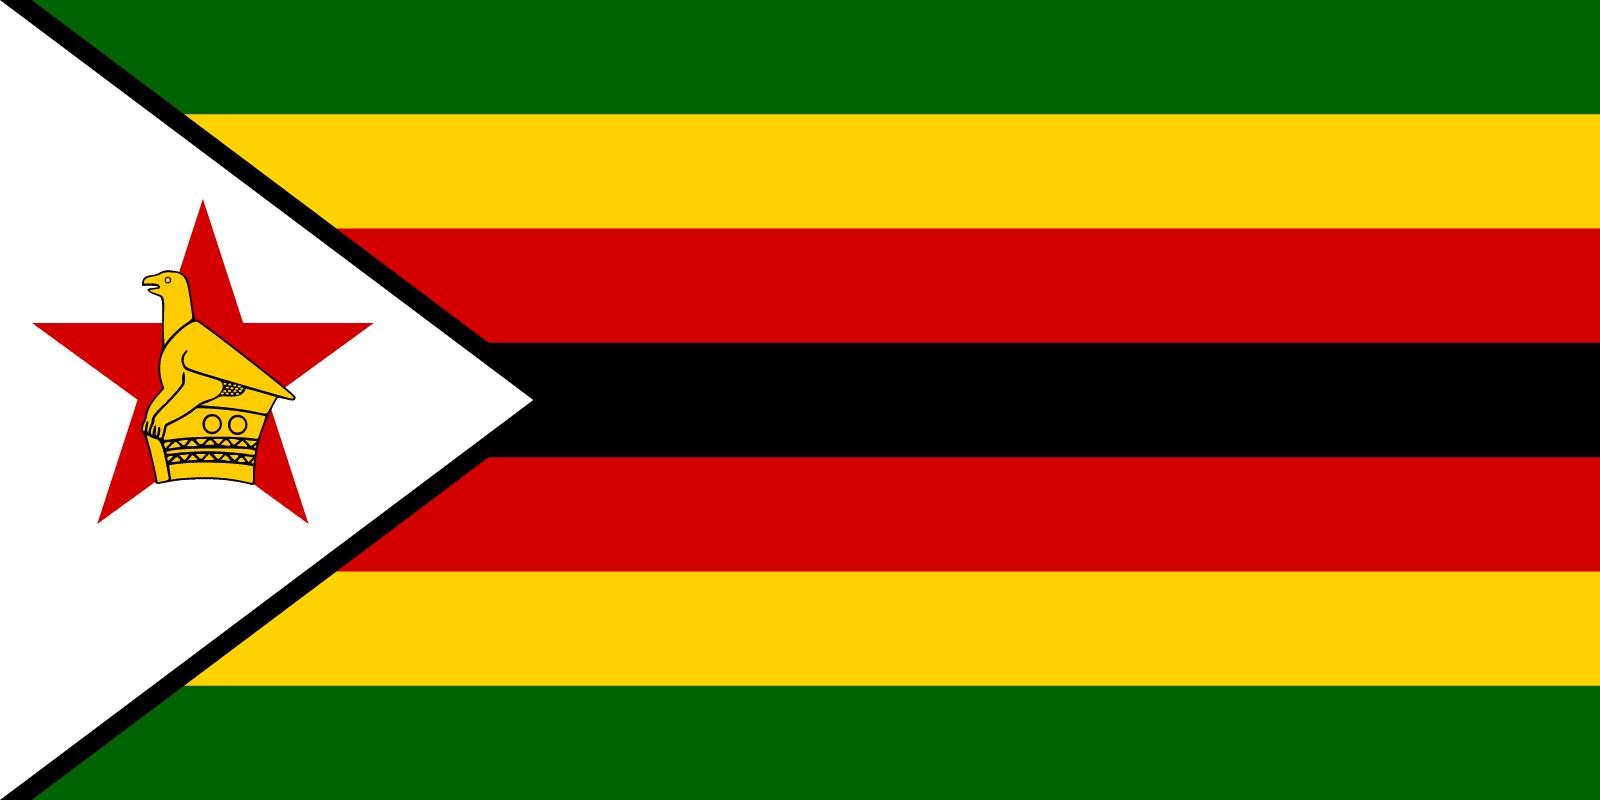 Zimbabve'nin Başkenti ve Para Birimi Nedir? Zimbabve'nin Bayrağı Nasıldır?